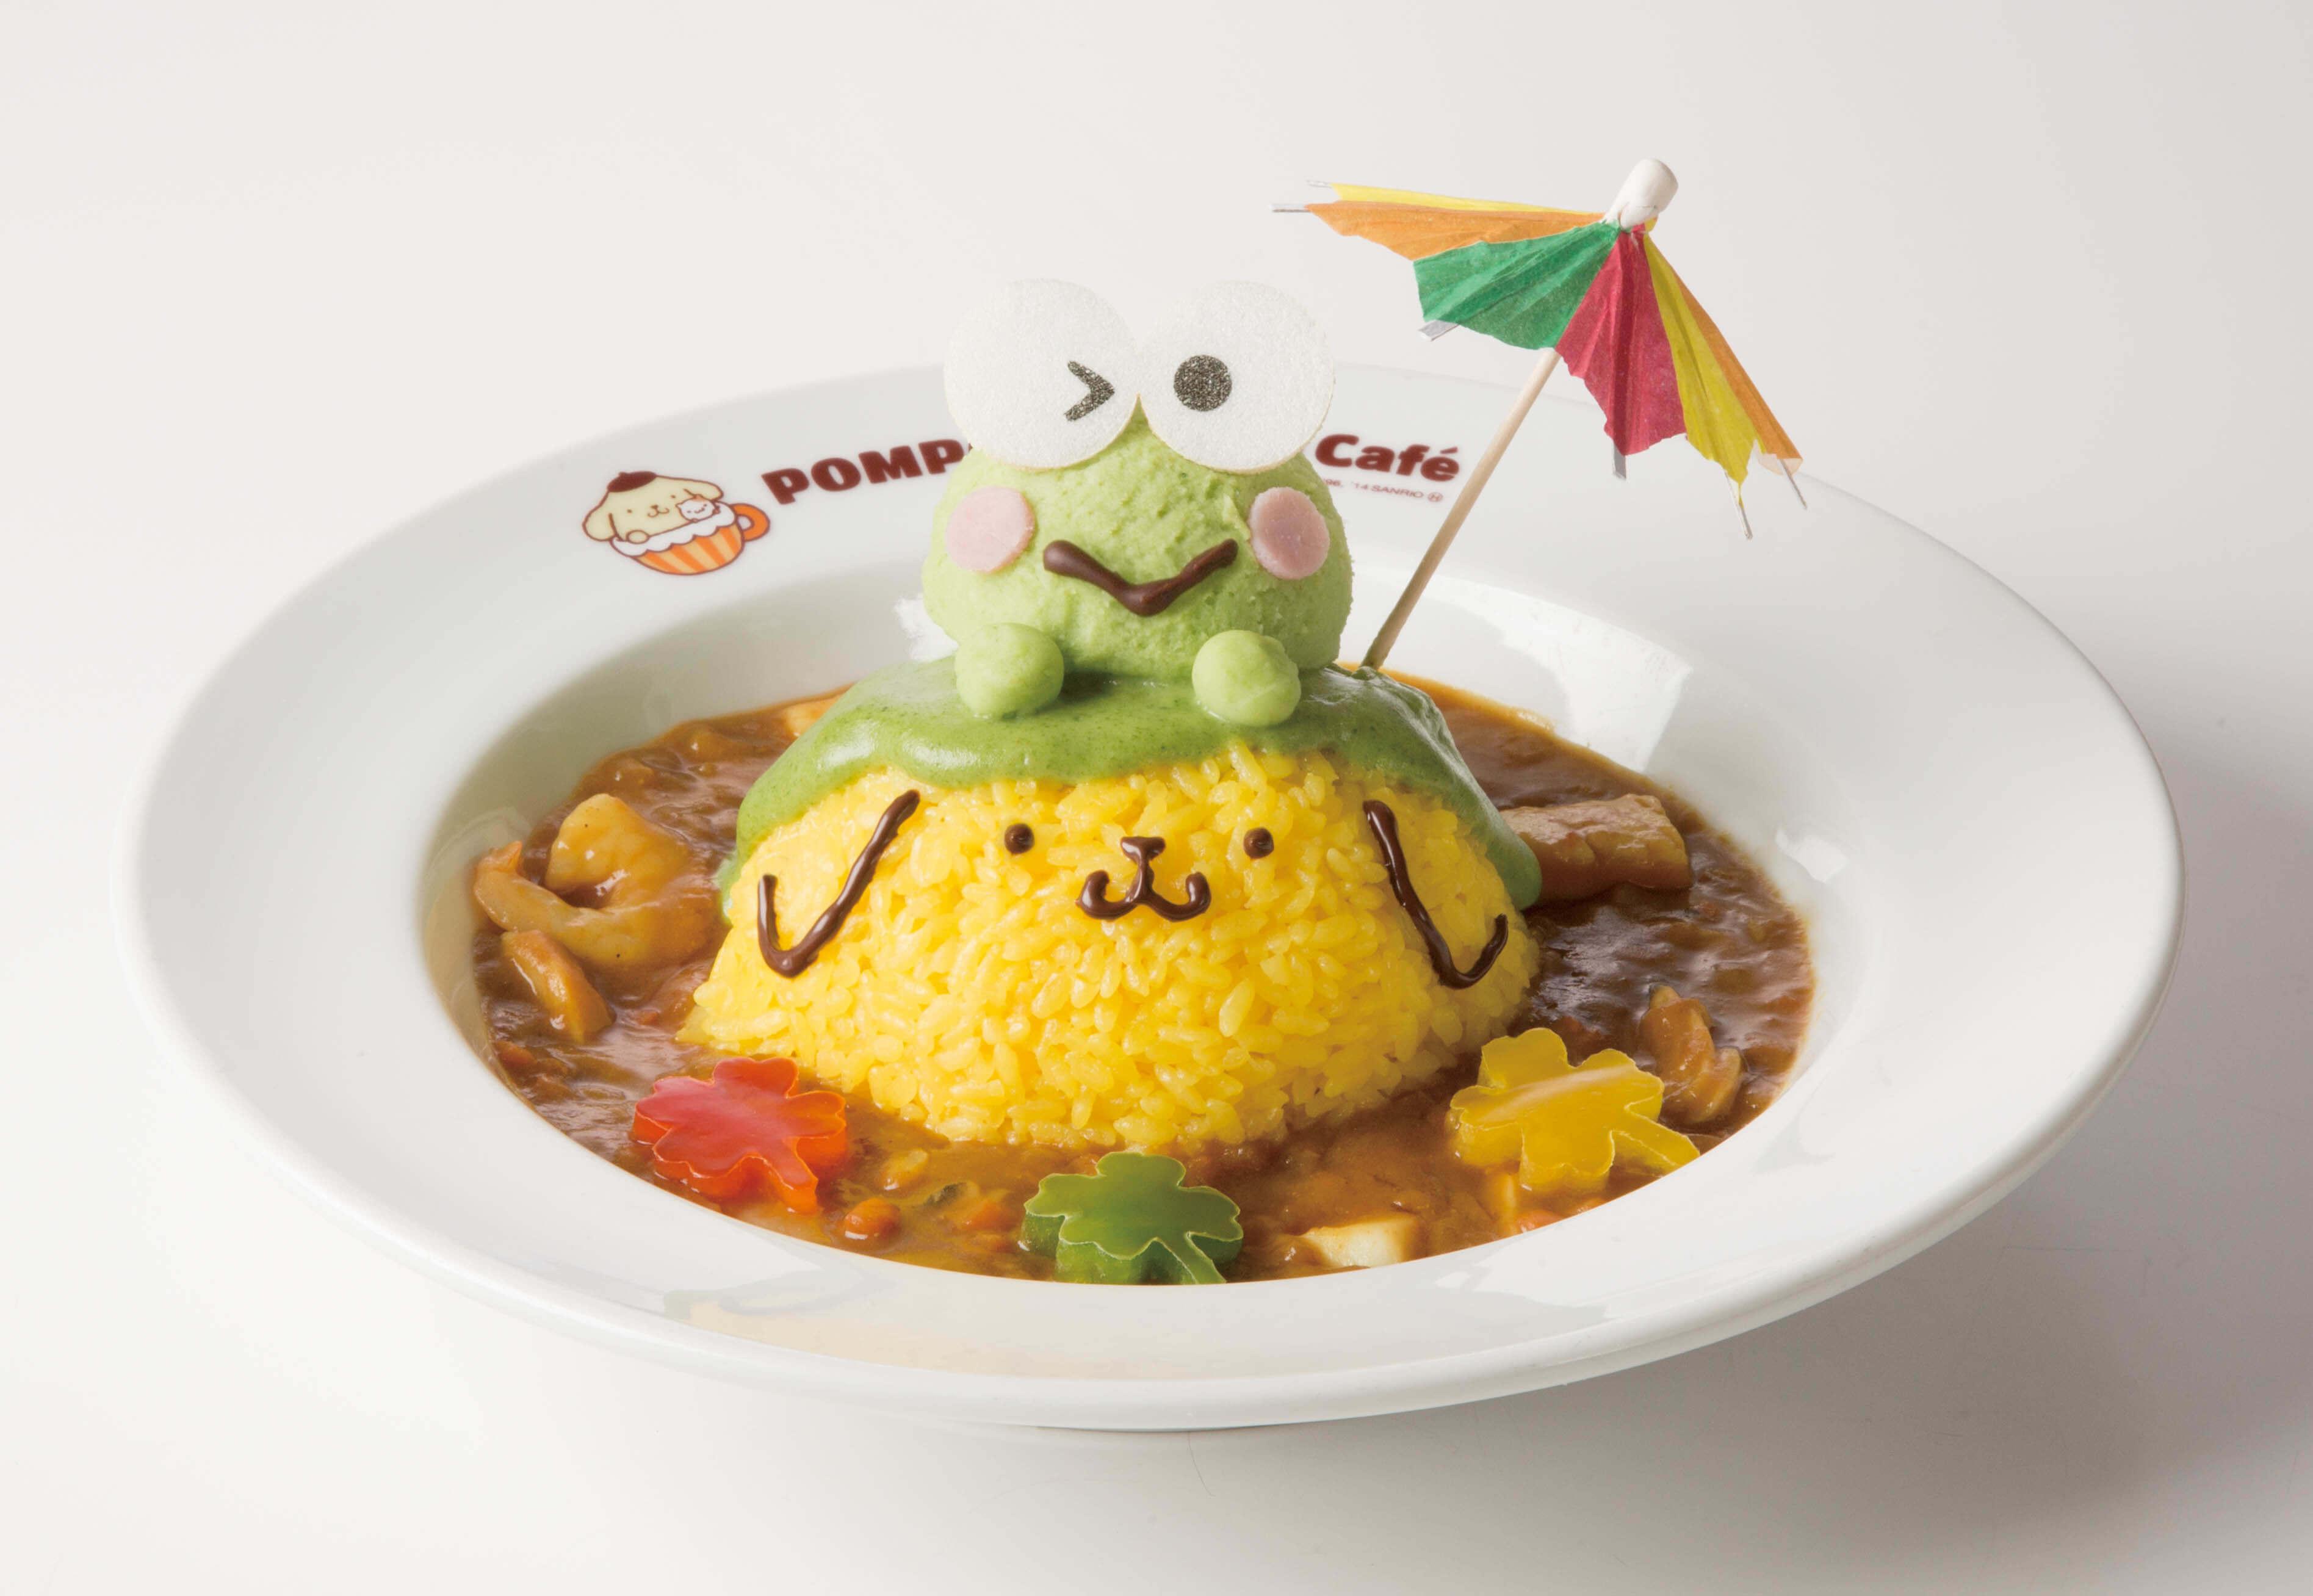 大眼蛙和布丁狗聯手!合作餐點將於梅田・原宿・名古屋開賣 咖啡廳、在原宿、在名古屋、在大阪、大眼蛙